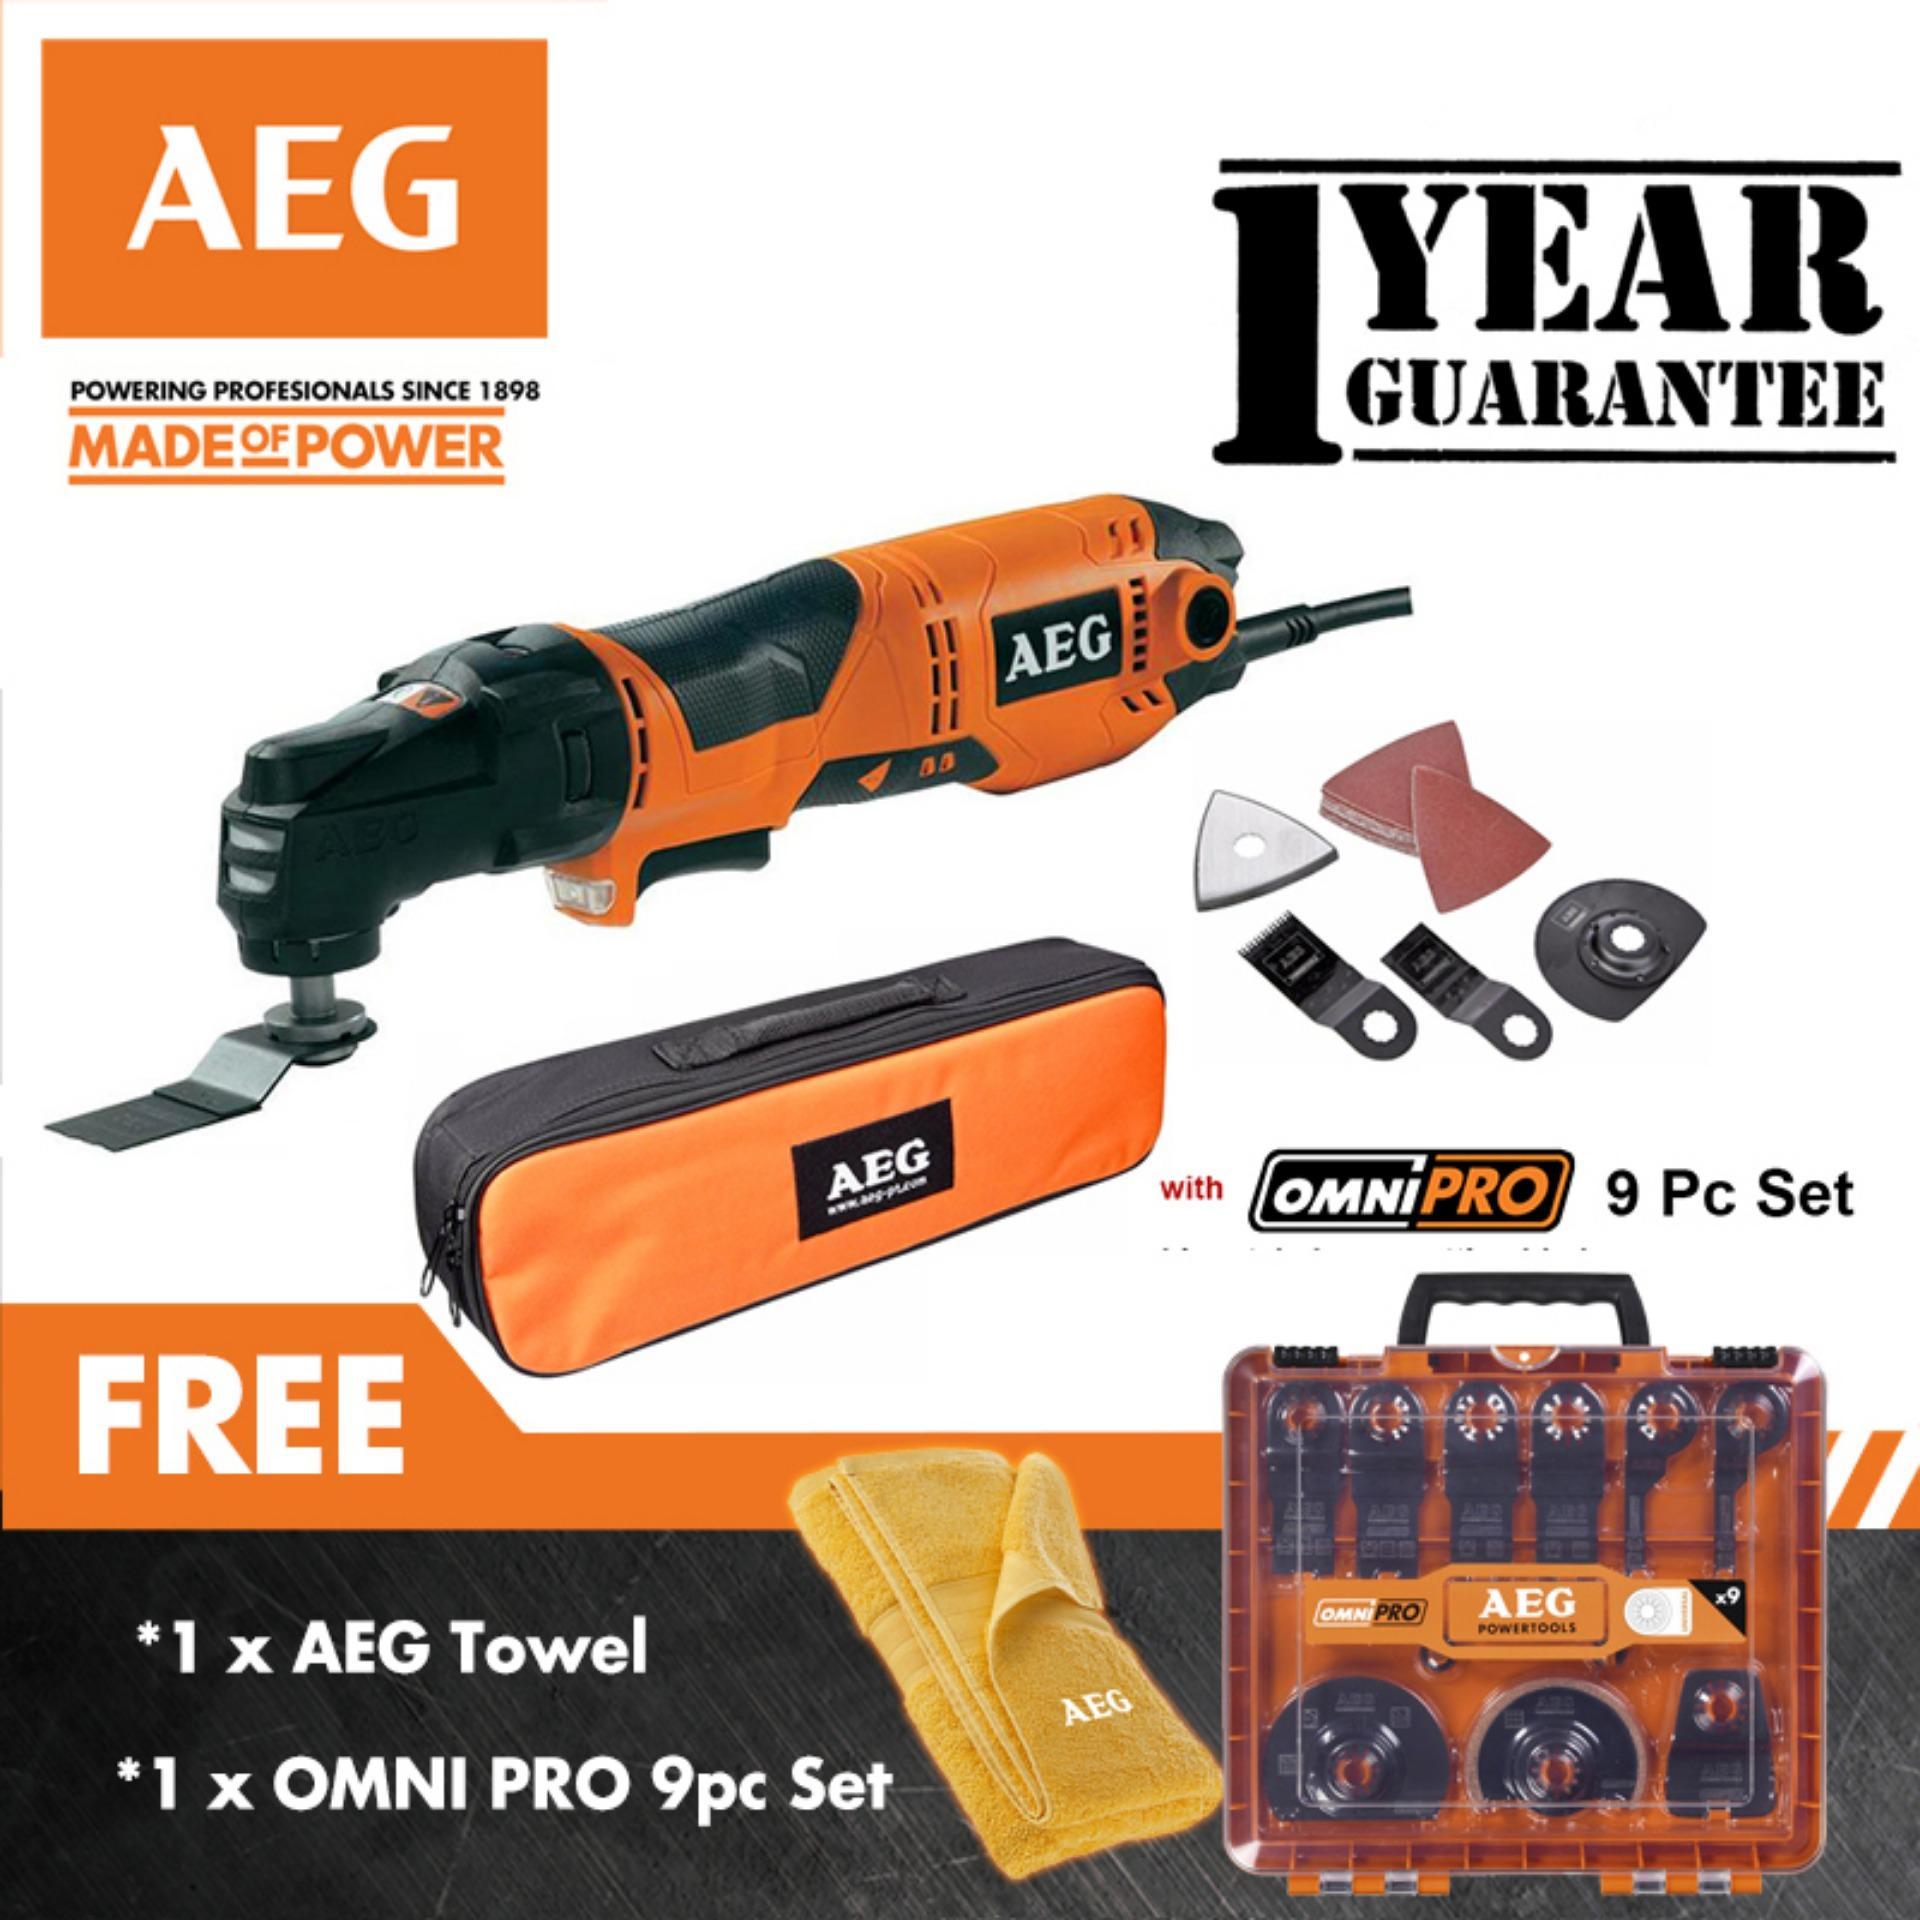 AEG OMNI 300- Kit with 9pcs Oscillating Tool Set (Multi Tool)